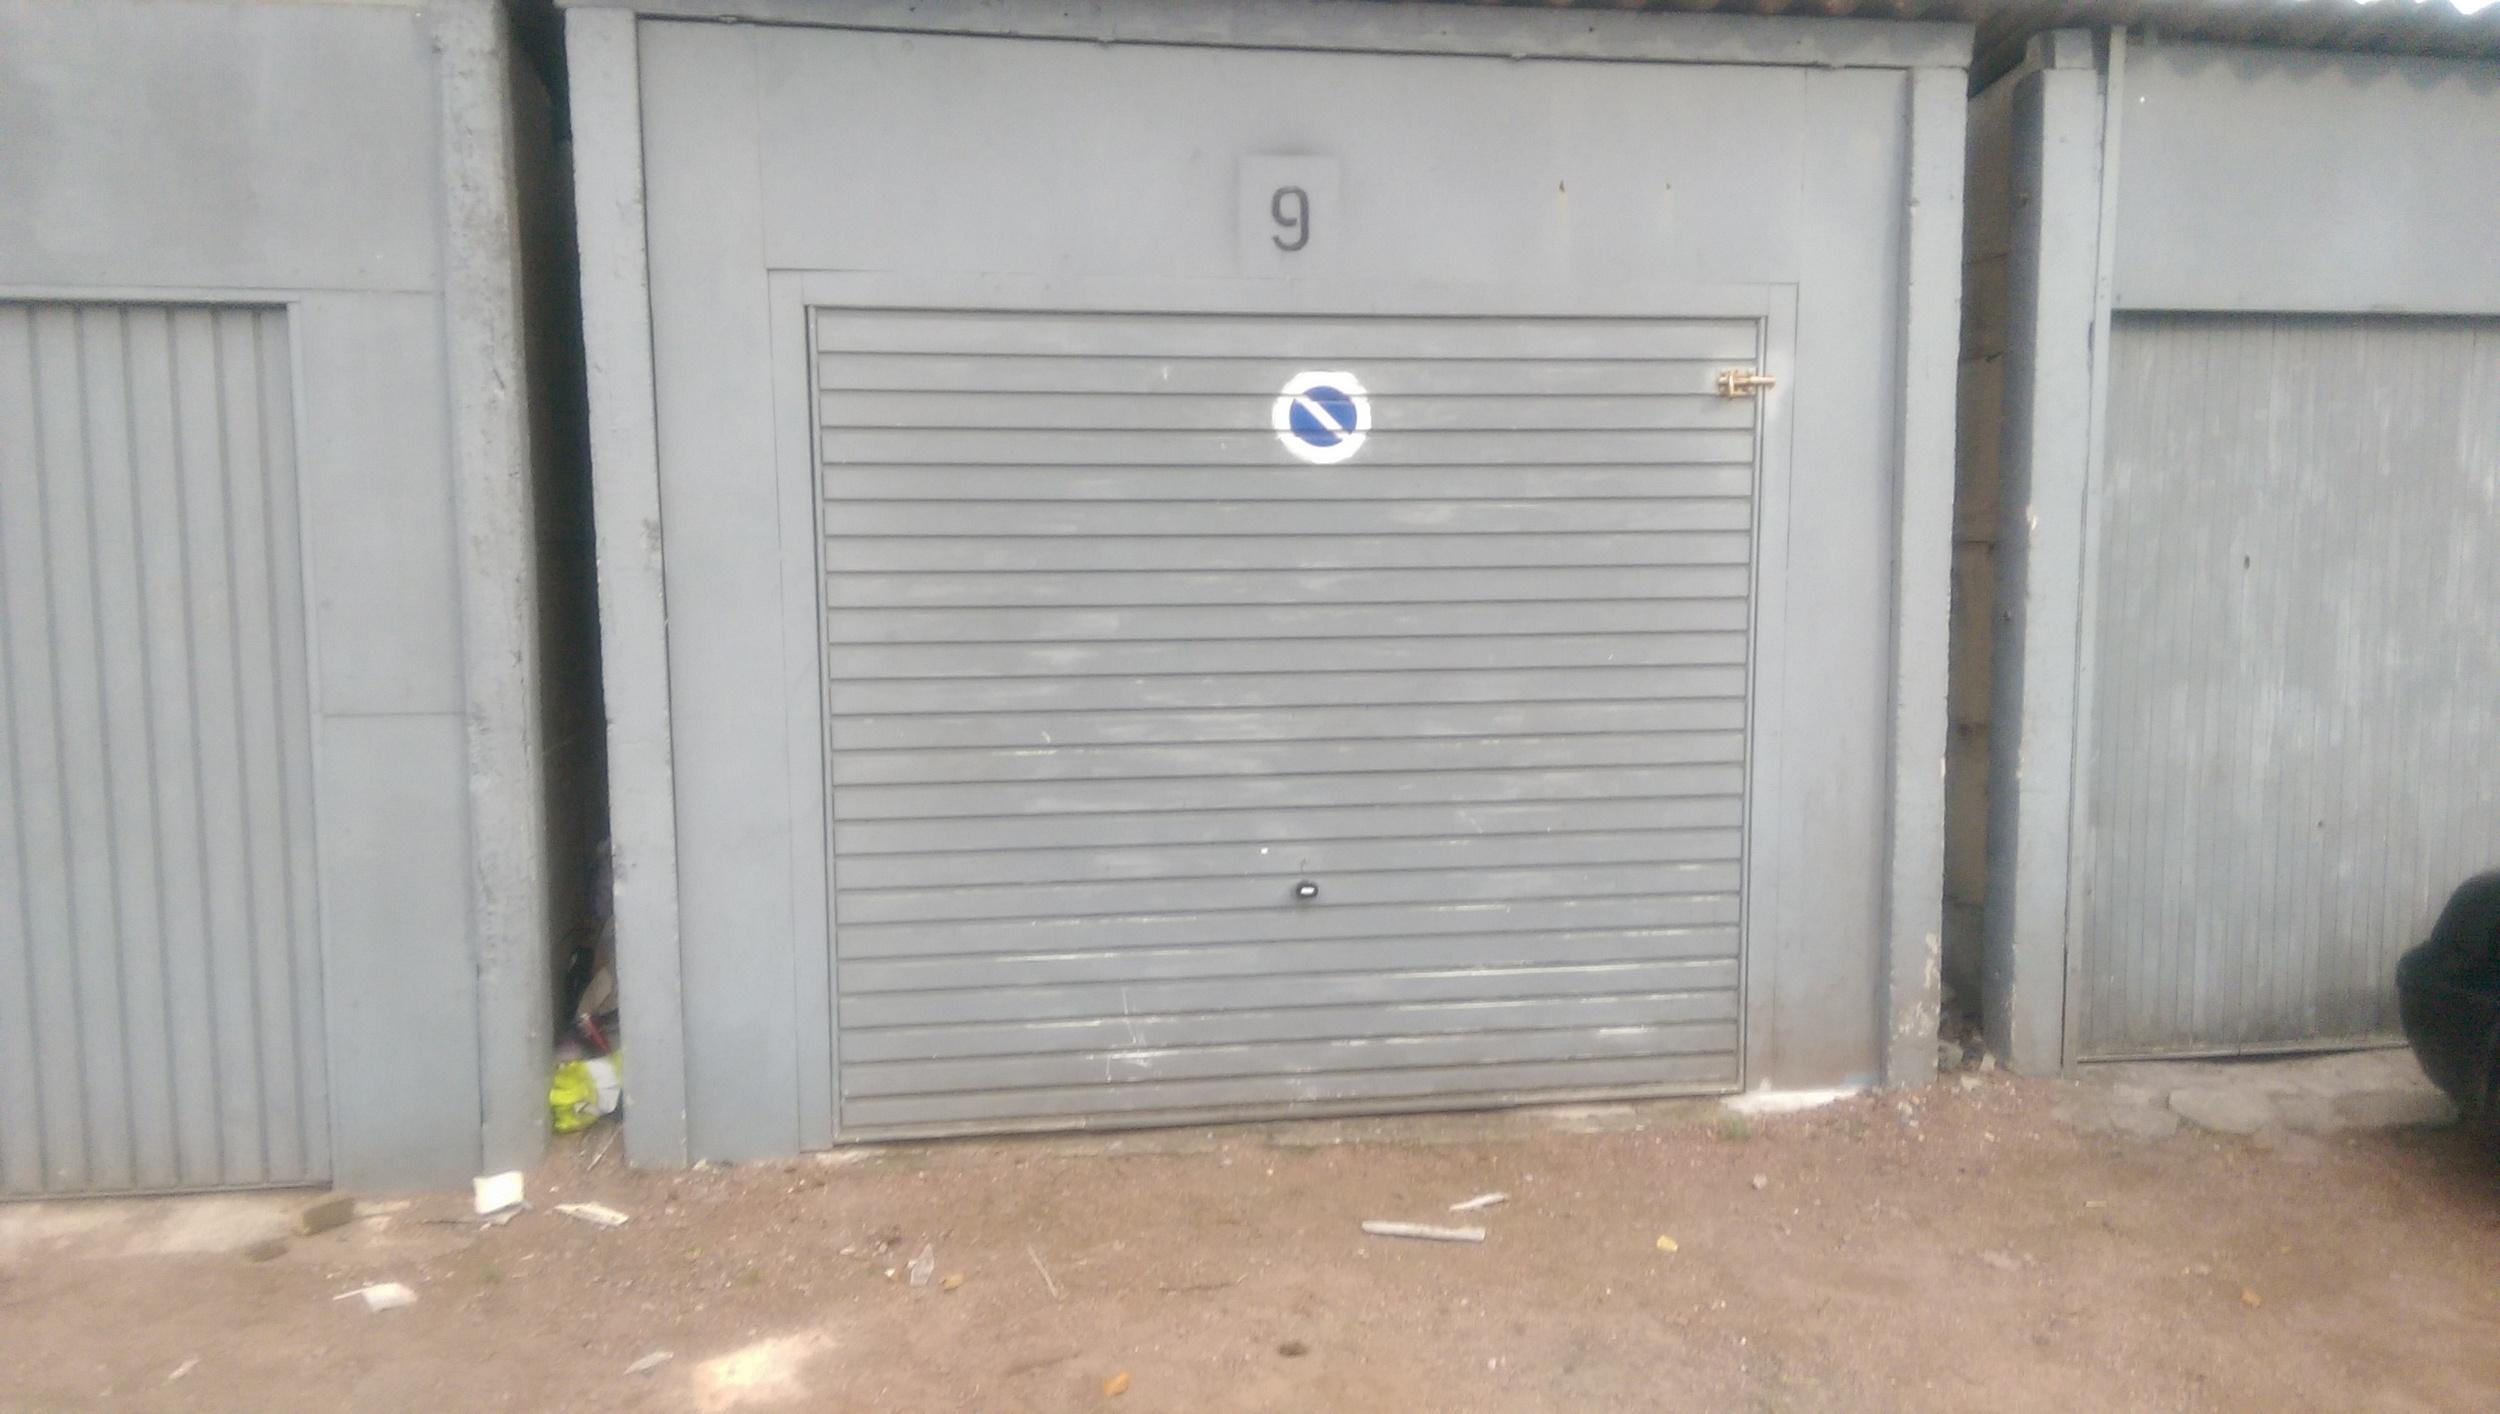 vente parking/box Quiévrechain Quiévrechain 59920